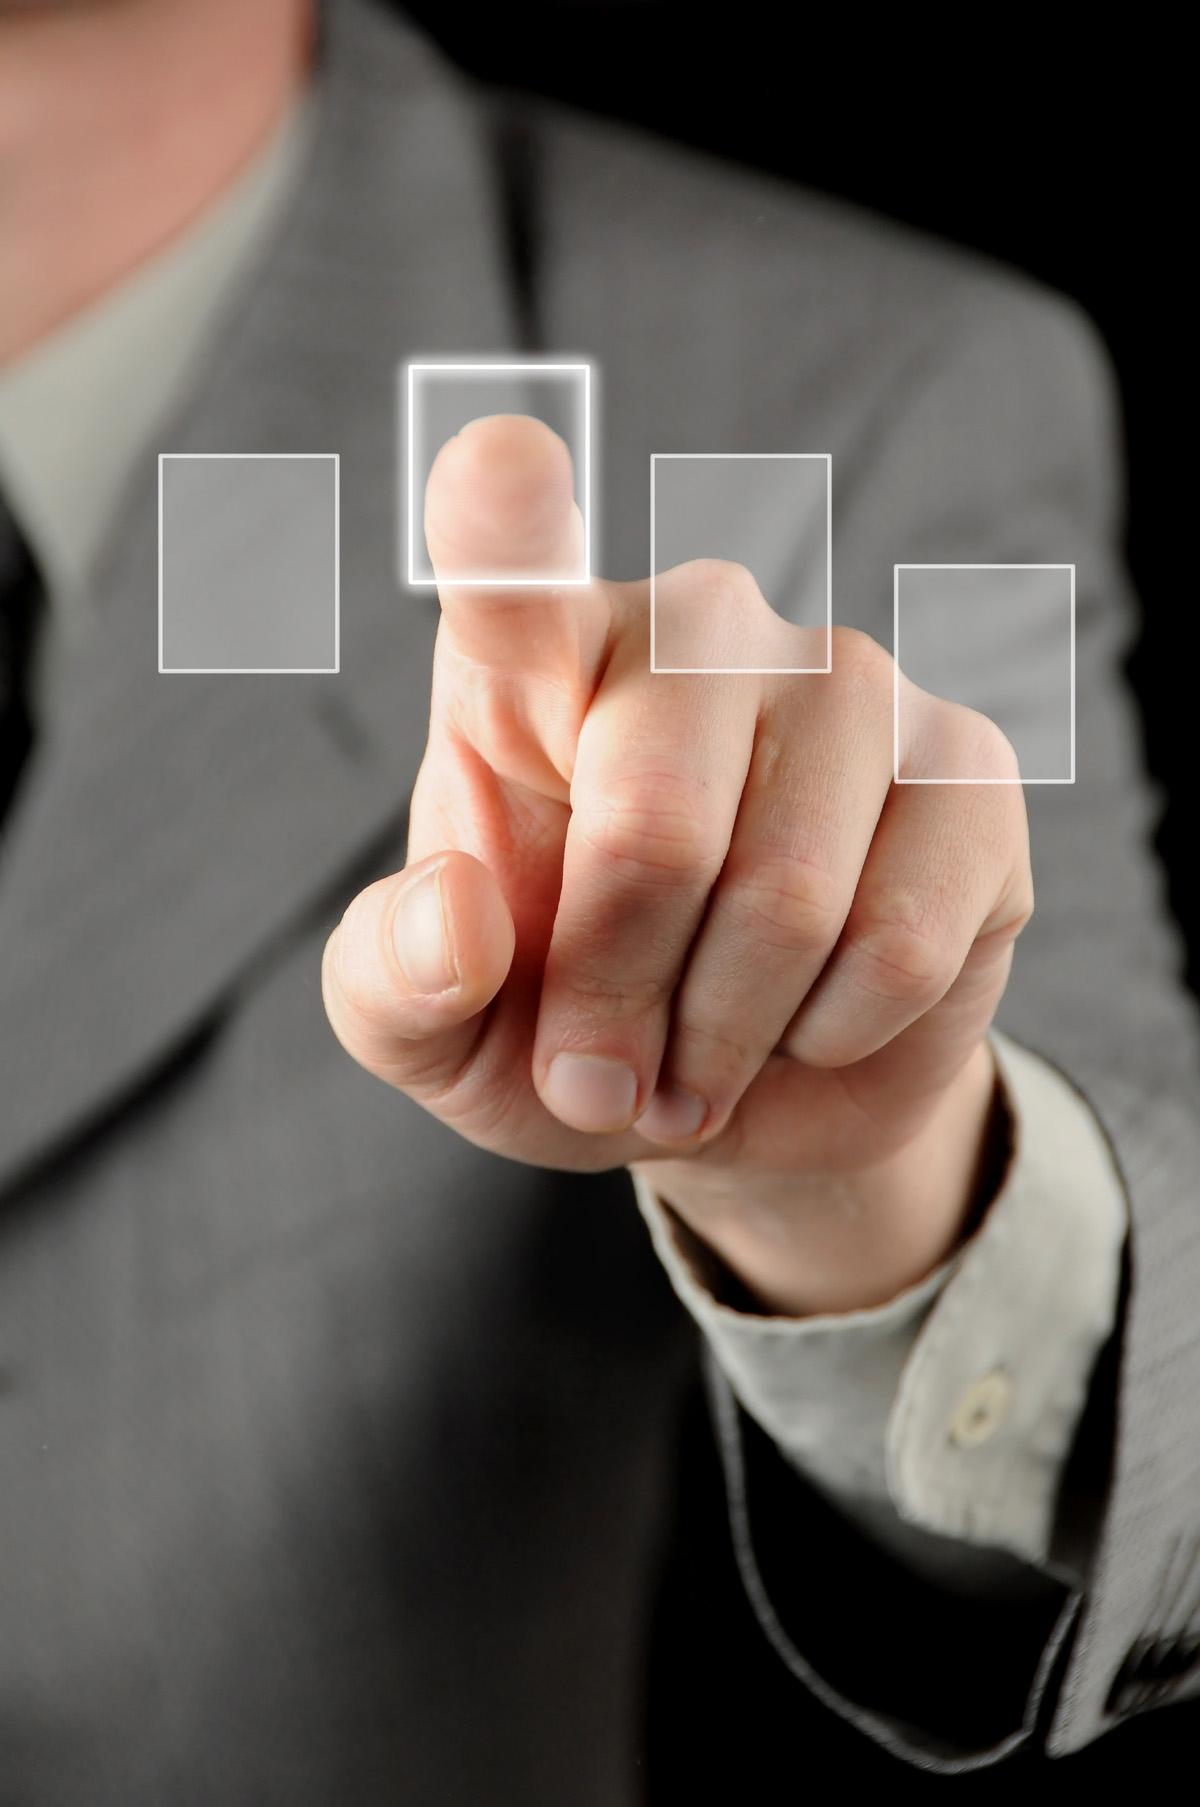 Las pantallas táctiles son muy utilizadas en los teléfonos de ultima generación